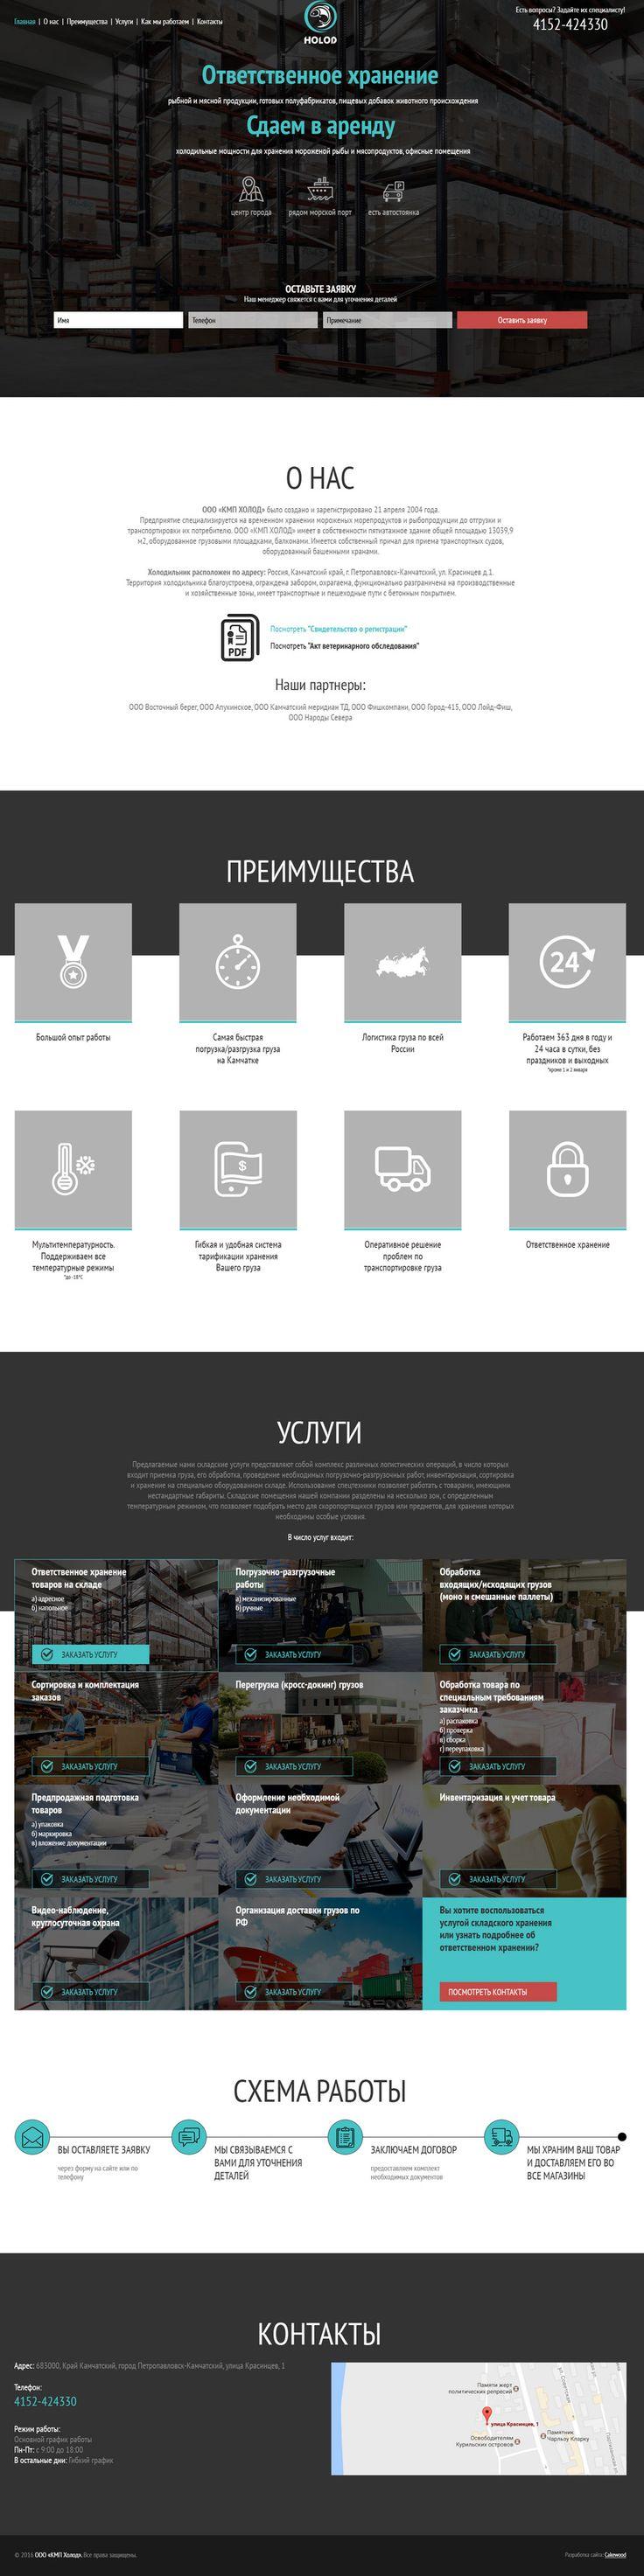 """Дизайн для компании """"КМП Холод"""". Предприятие специализируется на временном хранении мороженых морепродуктов и рыбопродукции до отгрузки и транспортировки их потребителю   Студия веб-дизайна Cakewood #site #design #cakewood"""